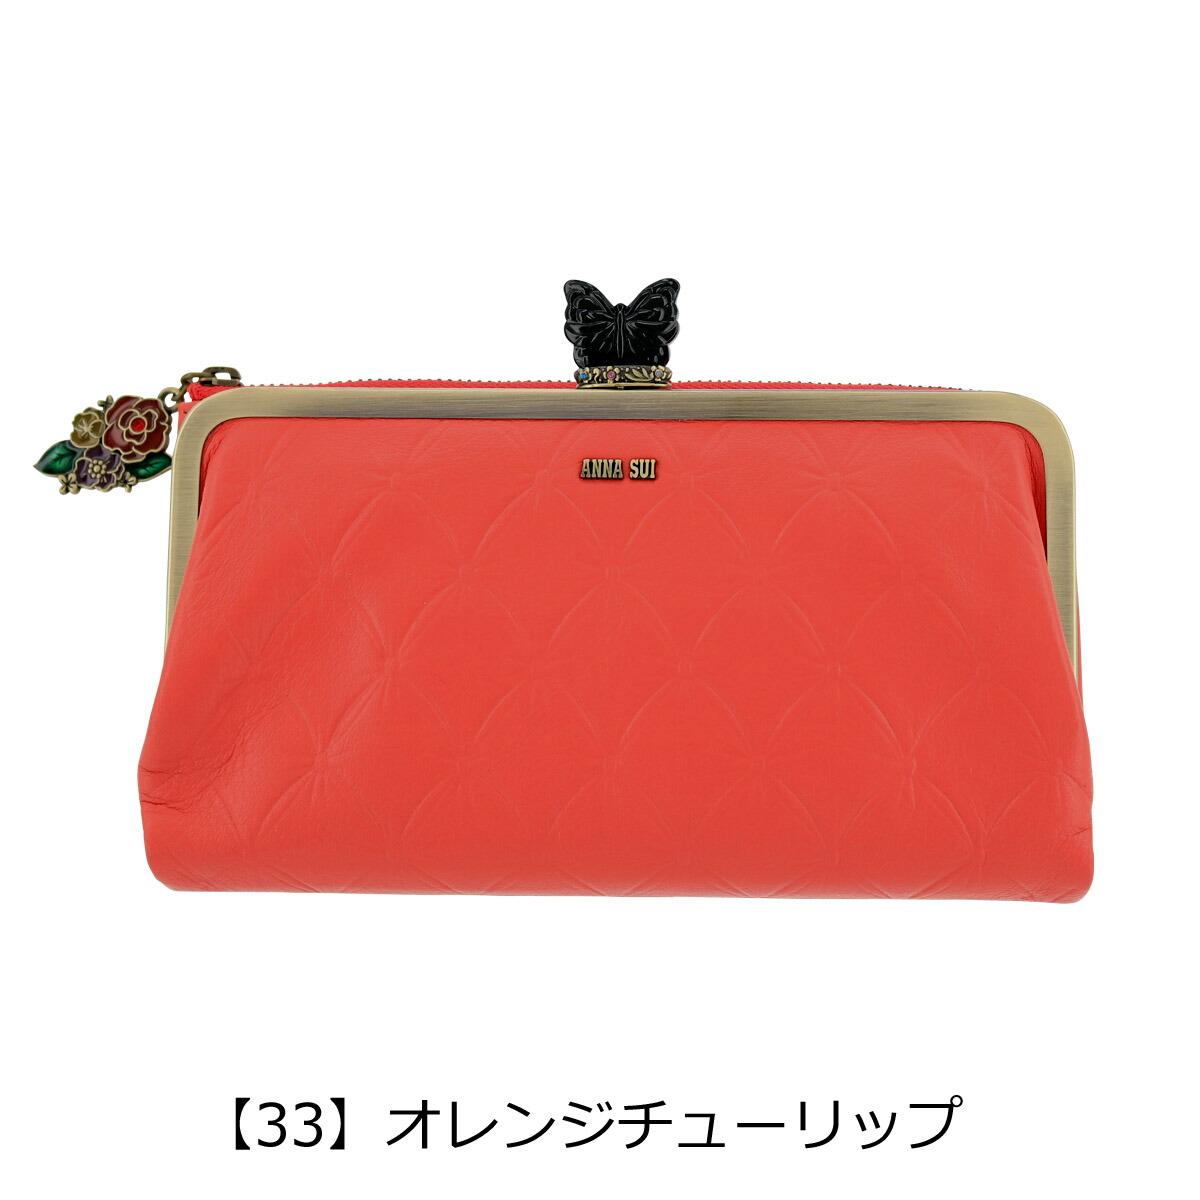 【33】オレンジチューリップ